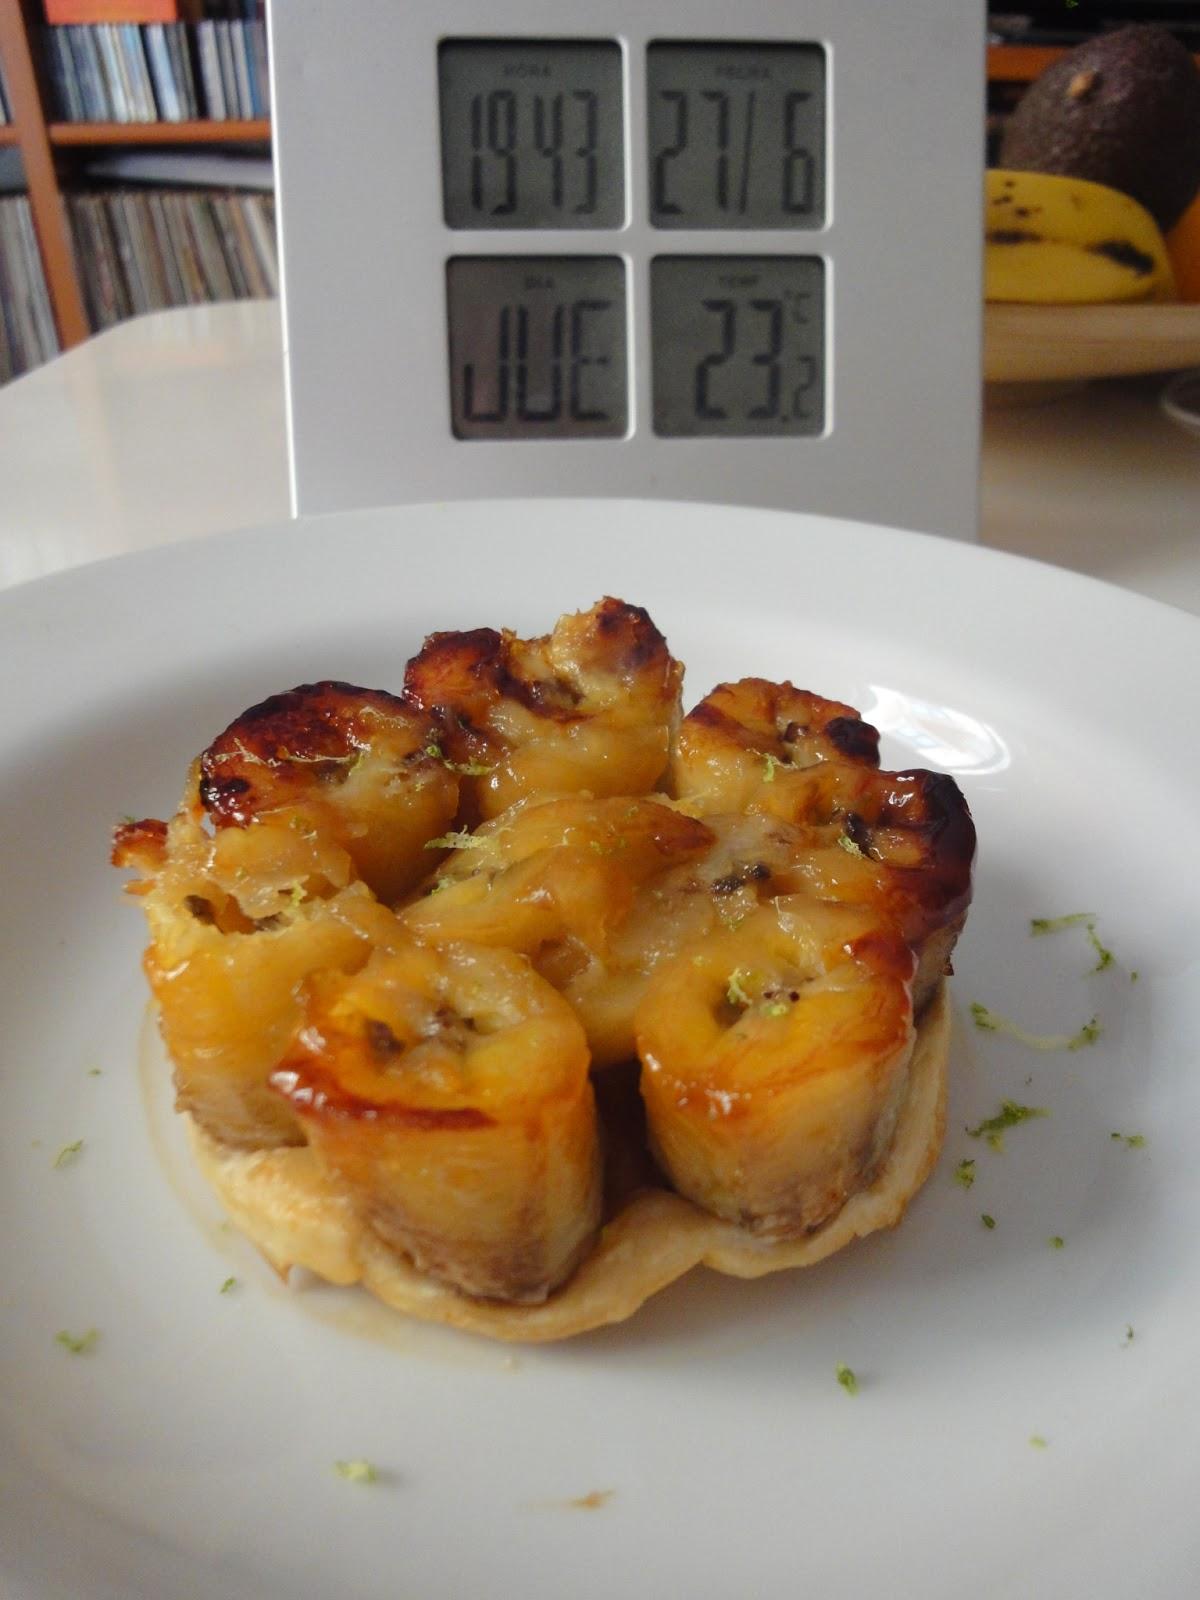 Clases de cocina zaragoza tarta tatin de pl tano - Cursos de cocina zaragoza ...